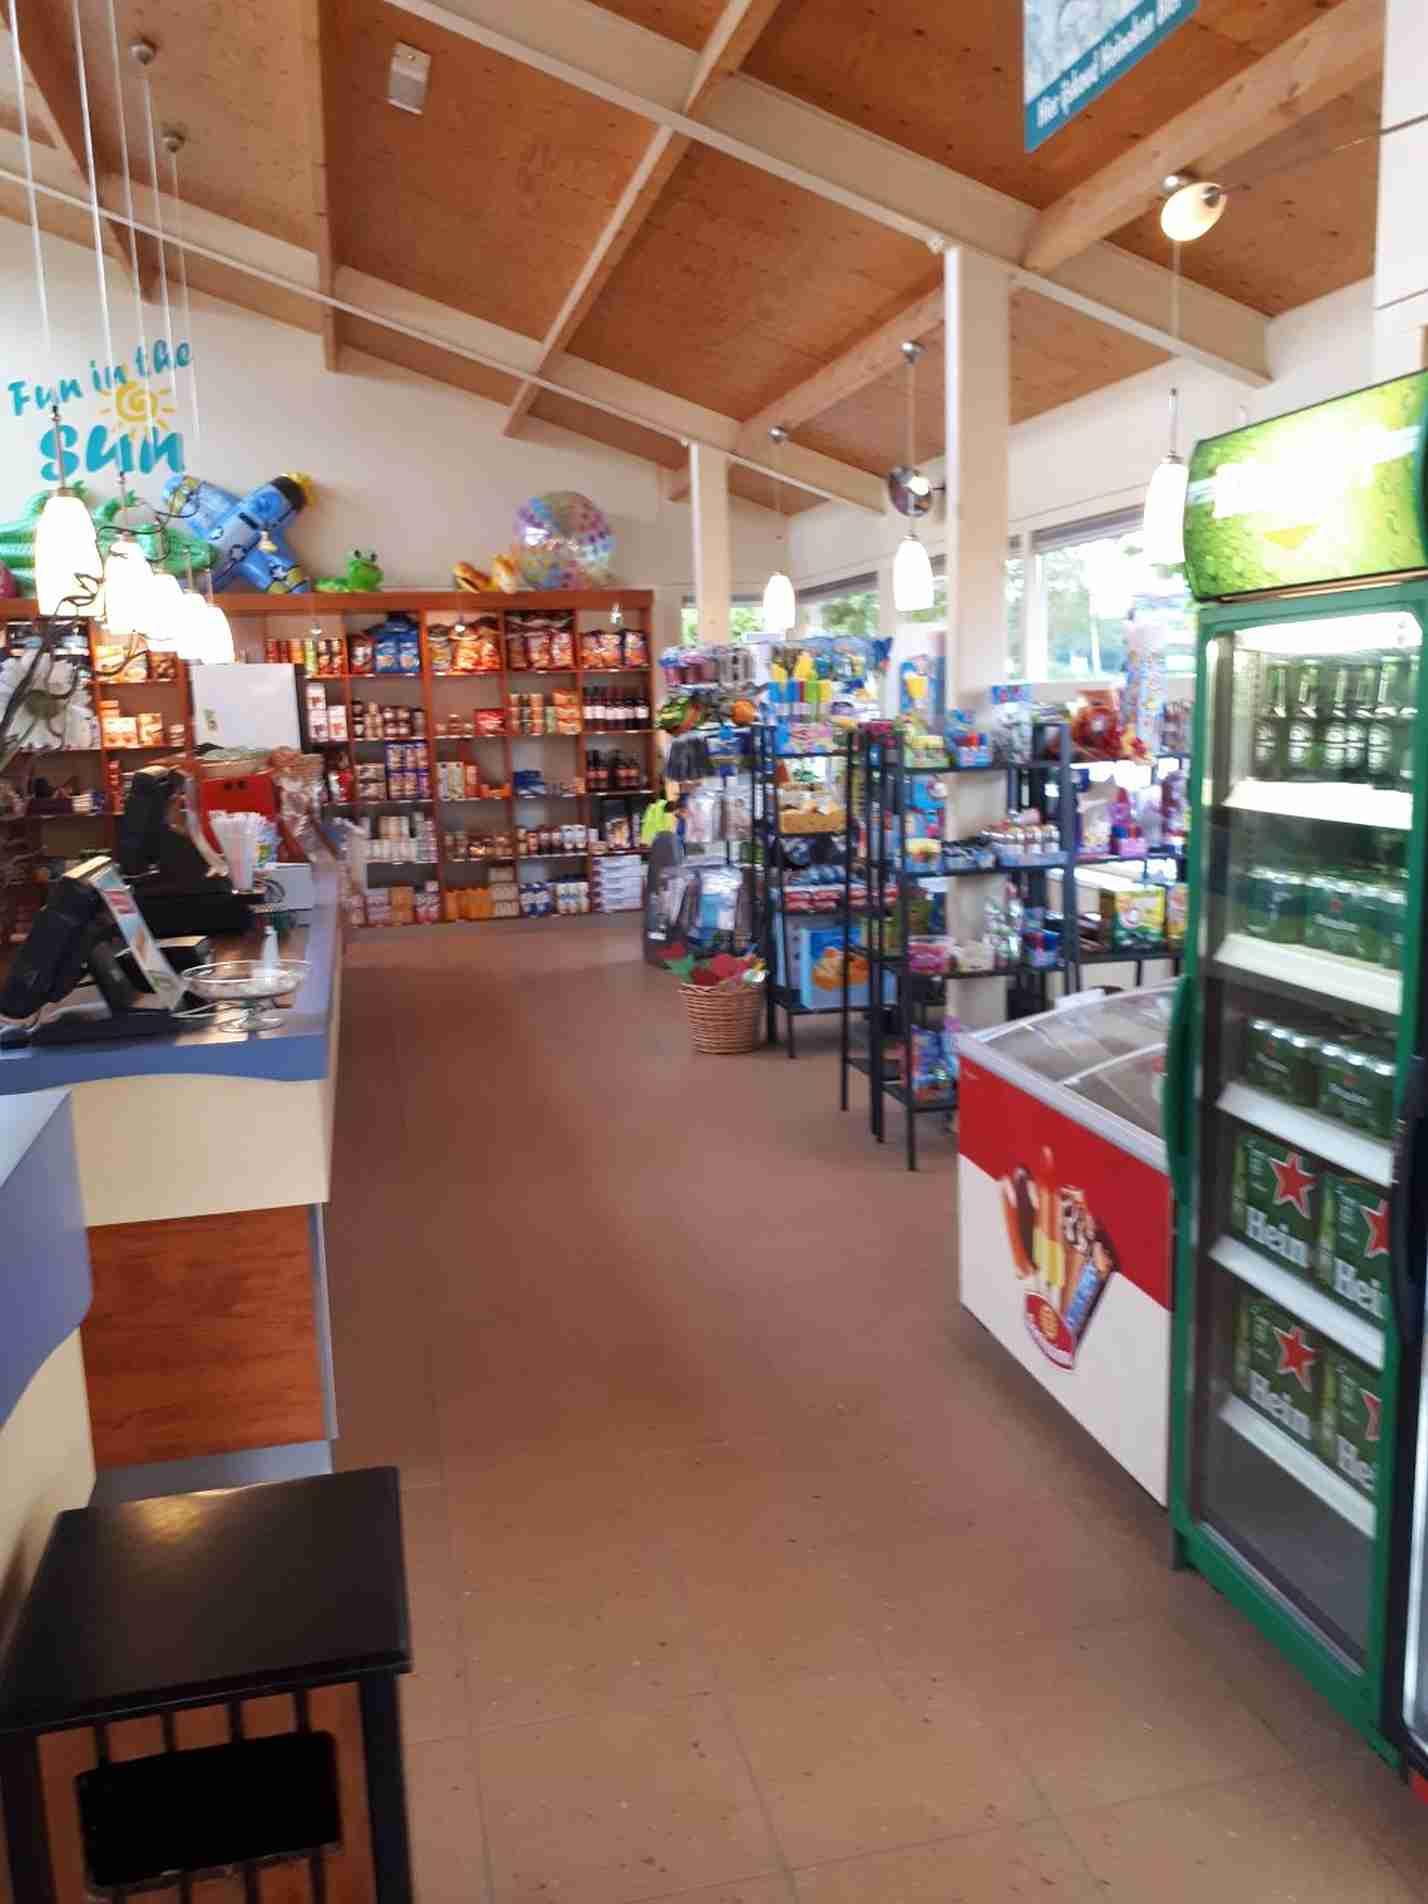 Winkelcorner op camping in Overijssel - De winkelcorner op camping in Overijssel